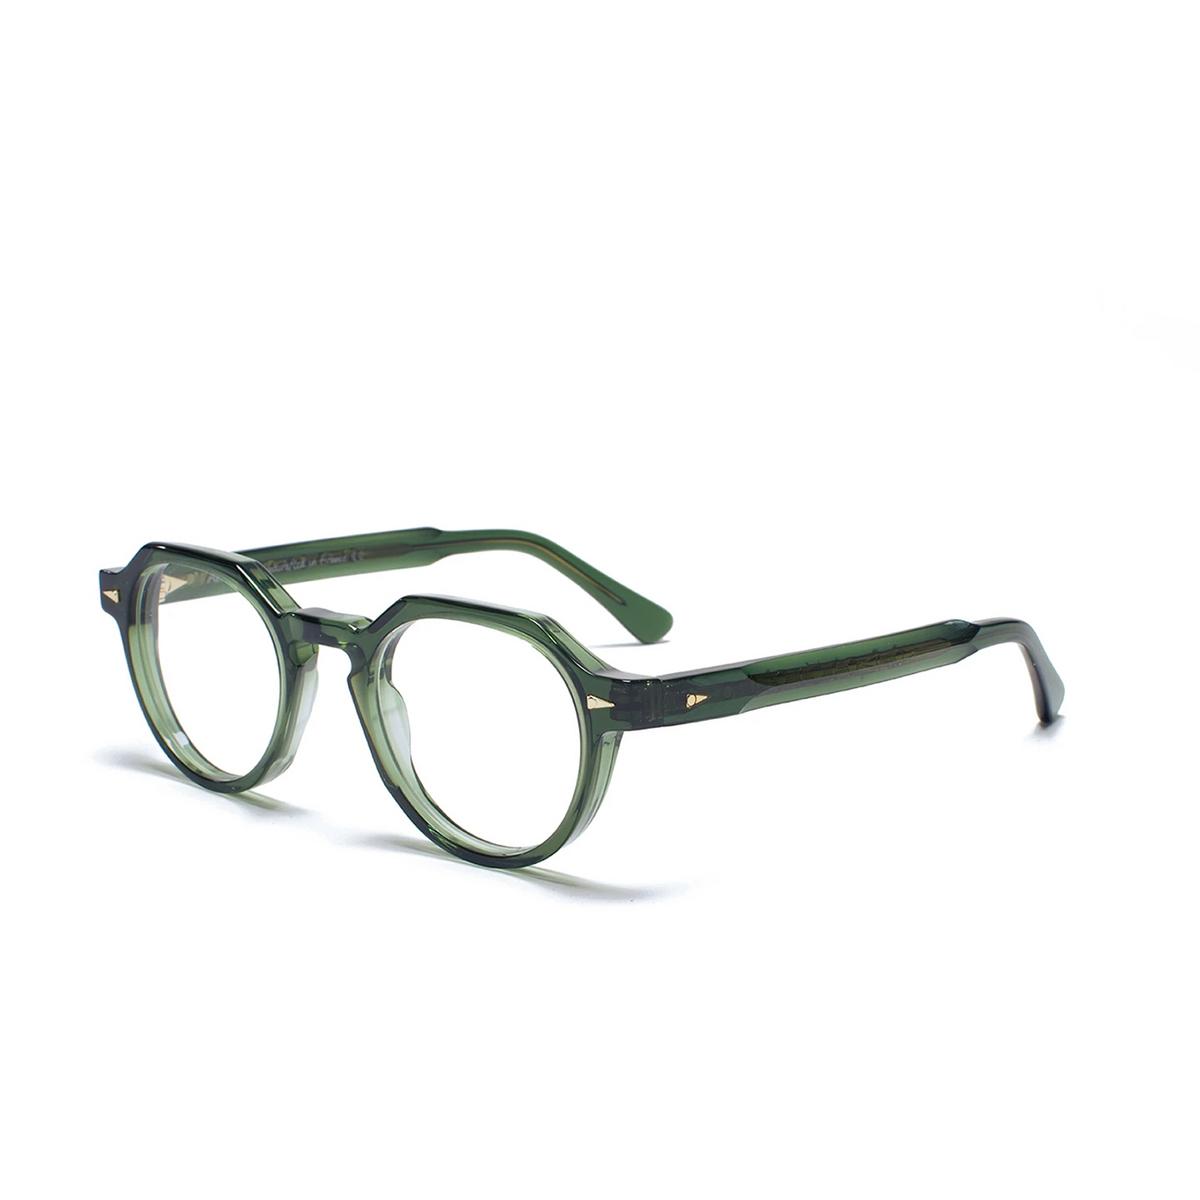 Ahlem® Irregular Eyeglasses: Rue Bosquet color Dark Green.